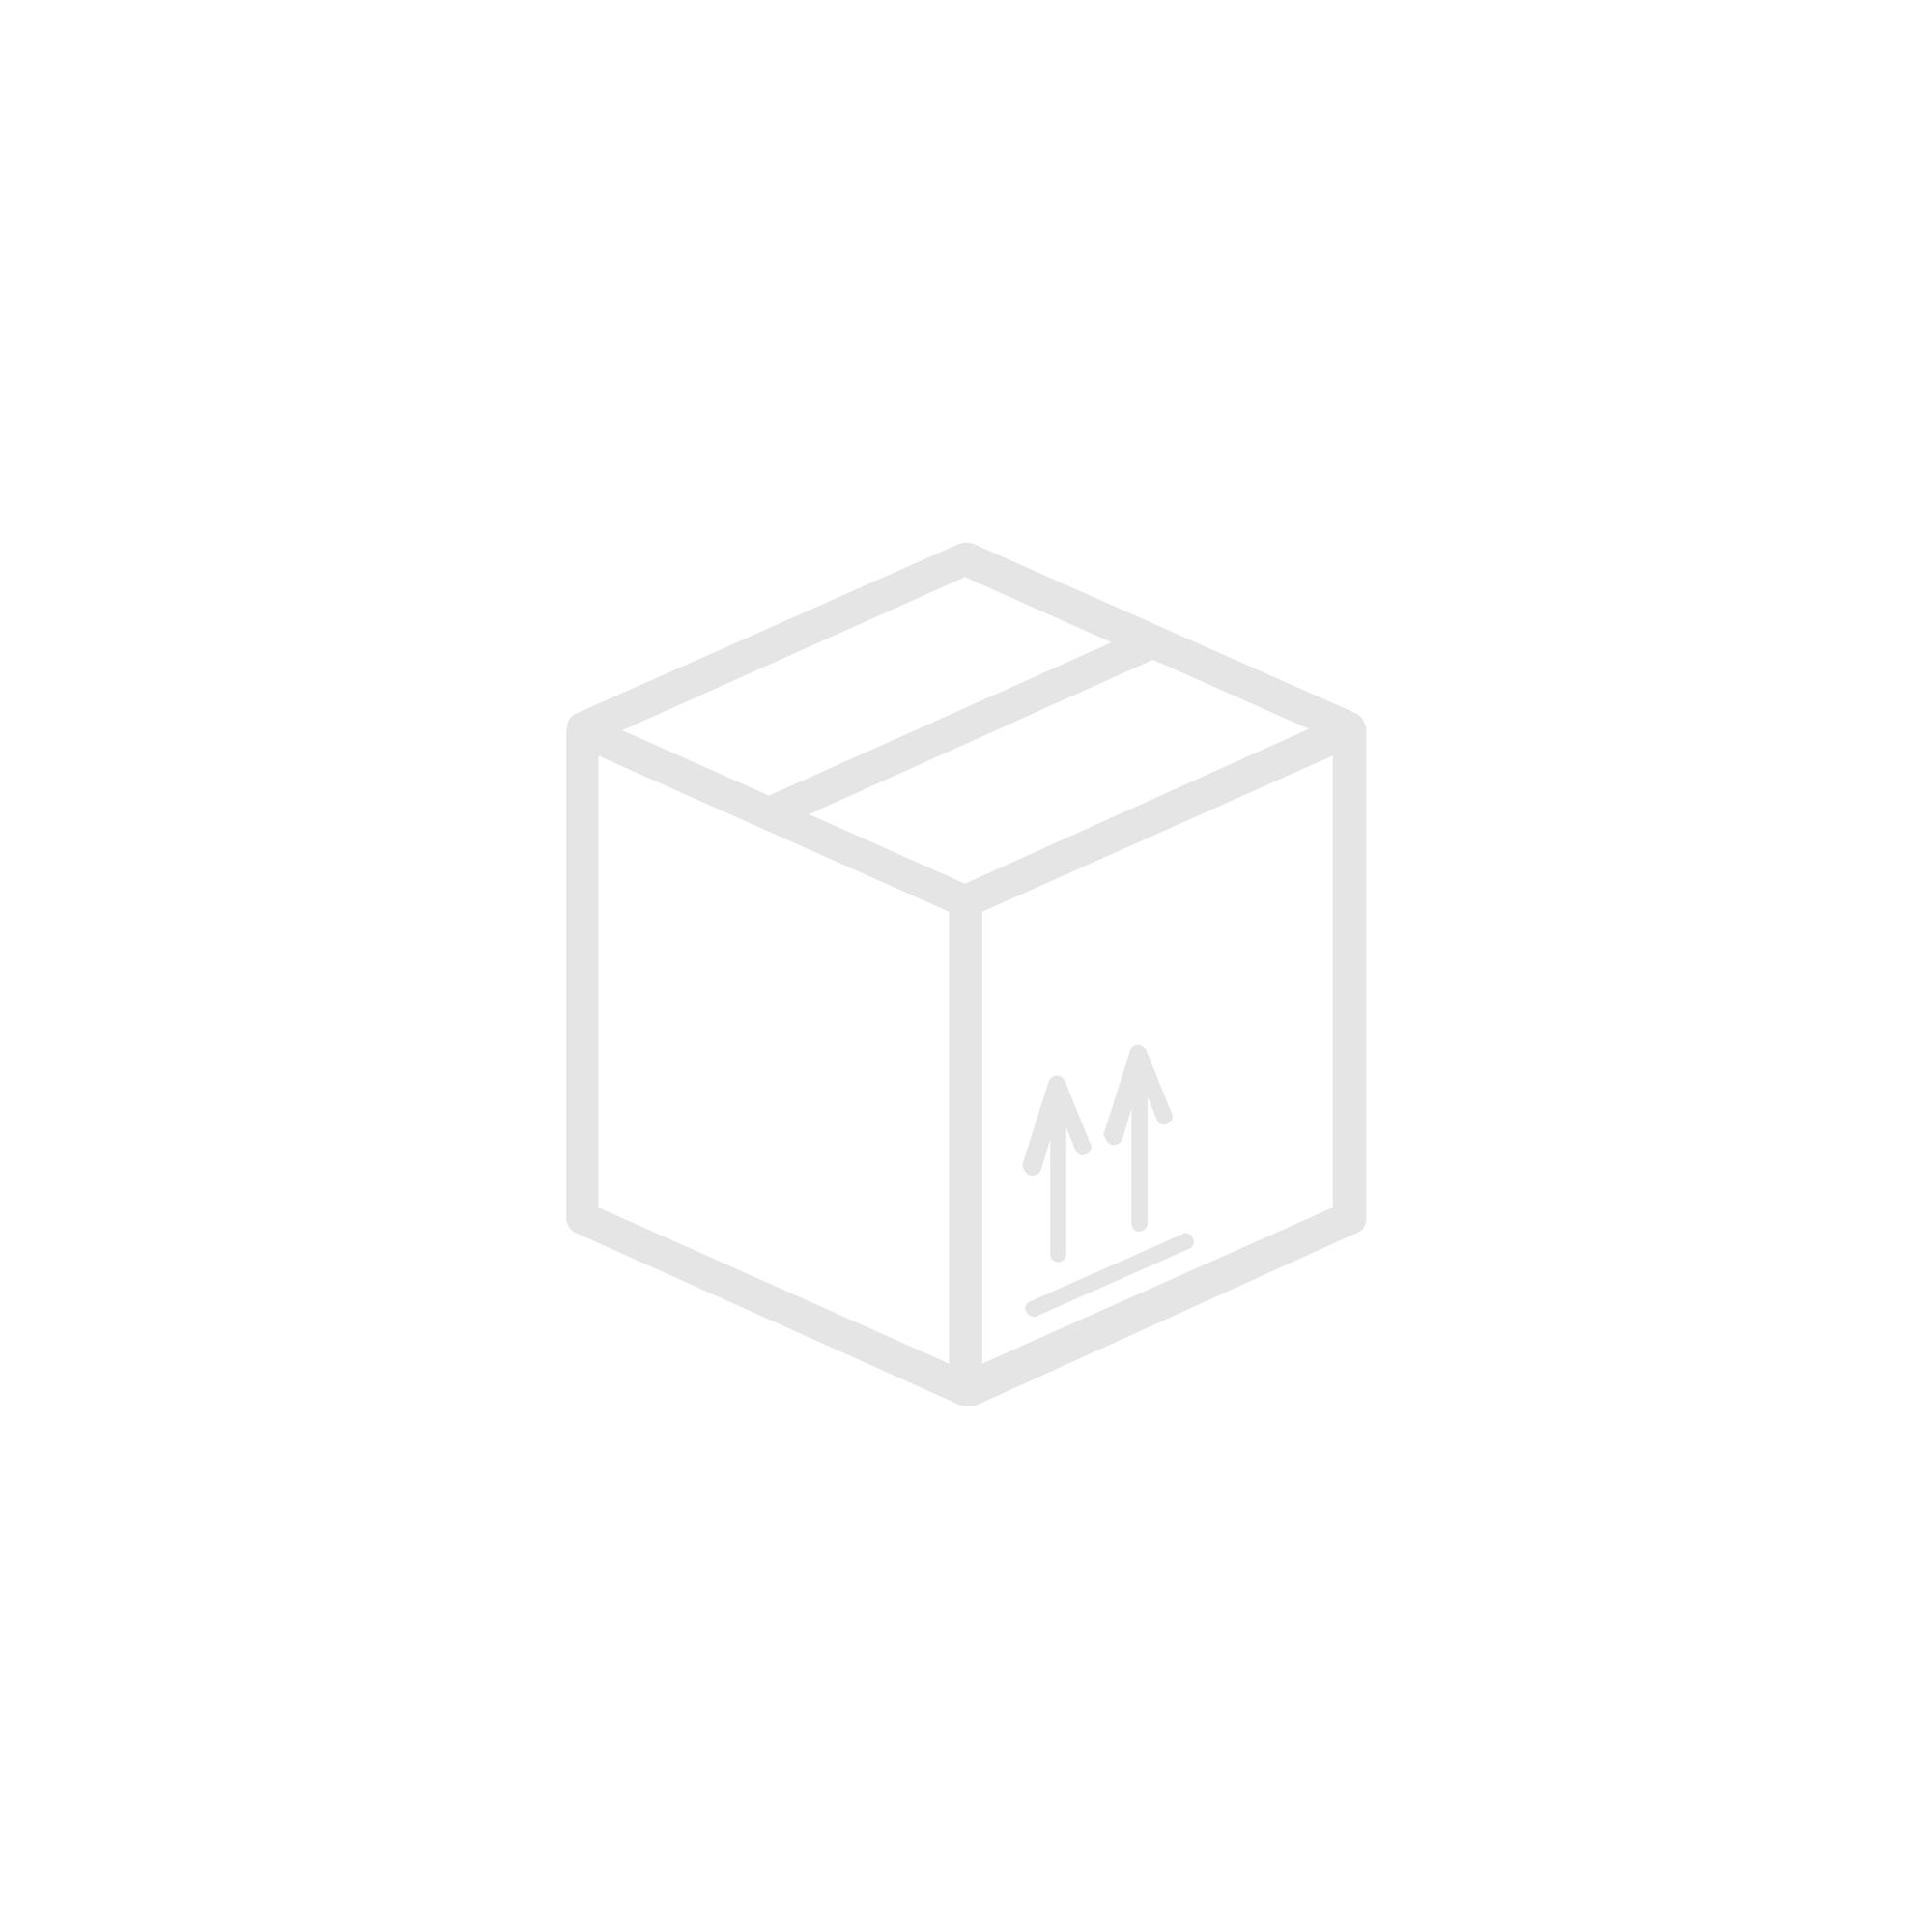 DISANO Svítidlo LED SUSA 3381 55W 4000K IP66 šedá